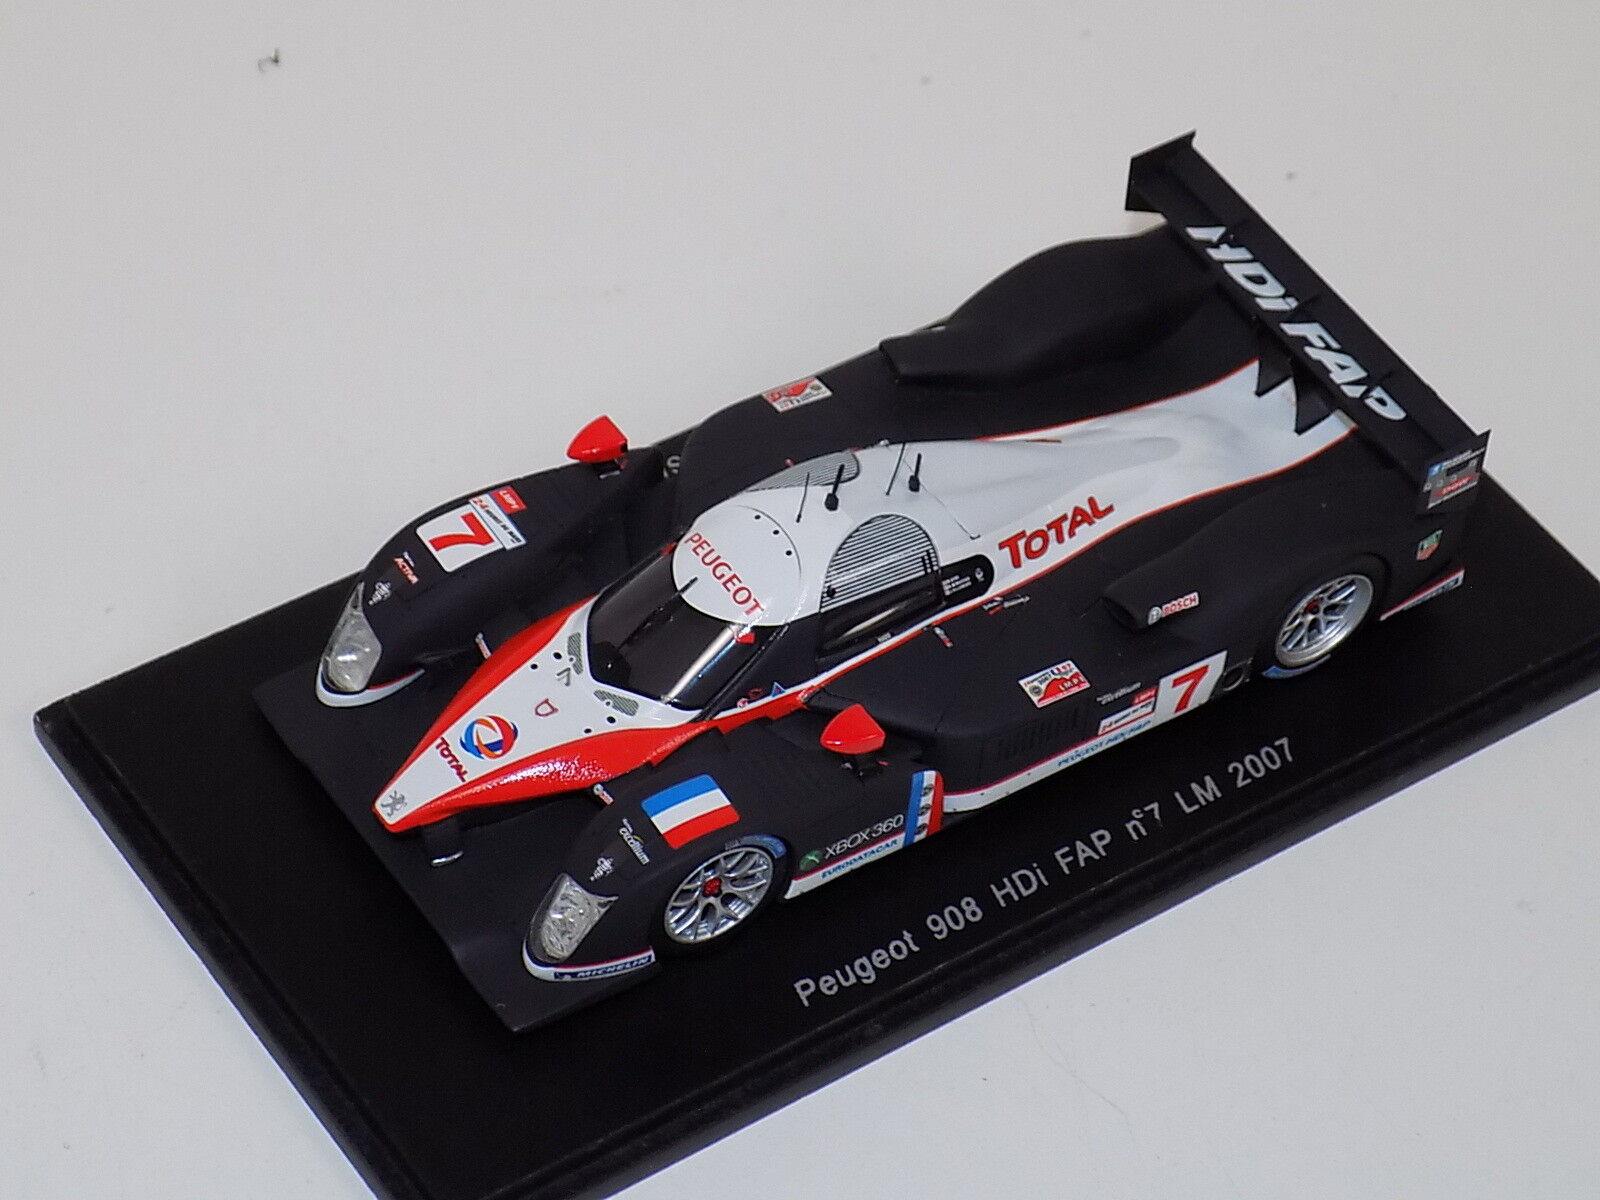 forma única 1 43 Spark Peugeot 908 HDi FAP coche  7 7 7 2007 24 horas de Le Mans S1272  artículos de promoción